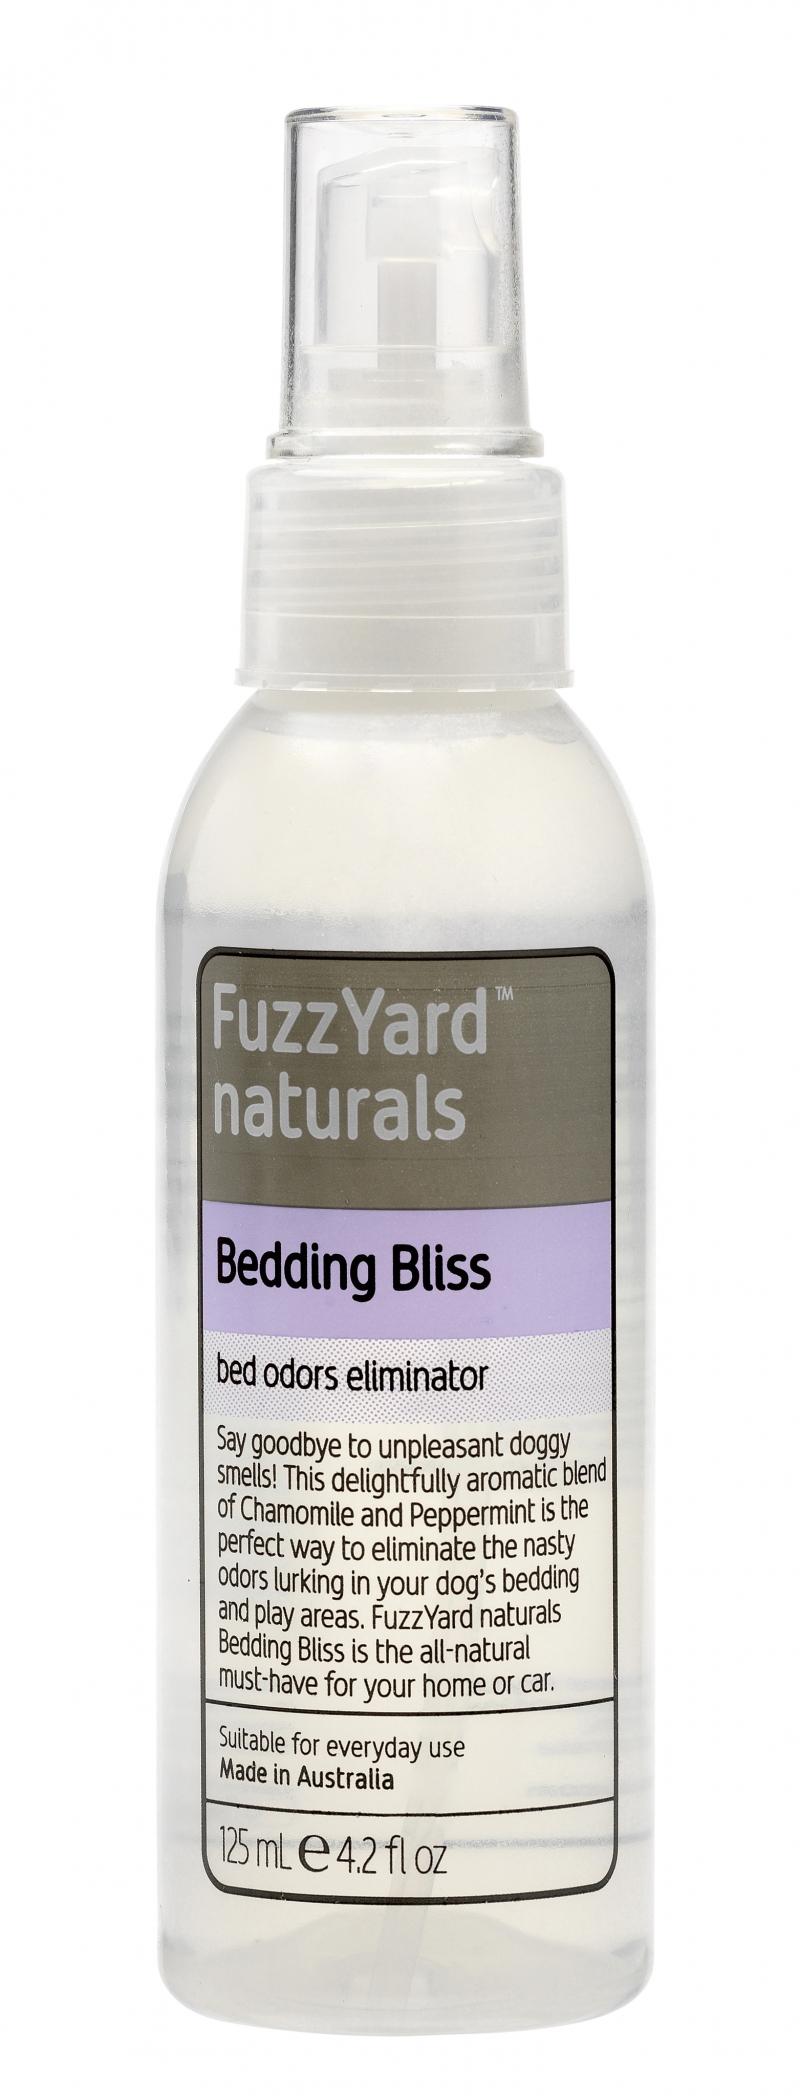 Bedding Bliss Mist